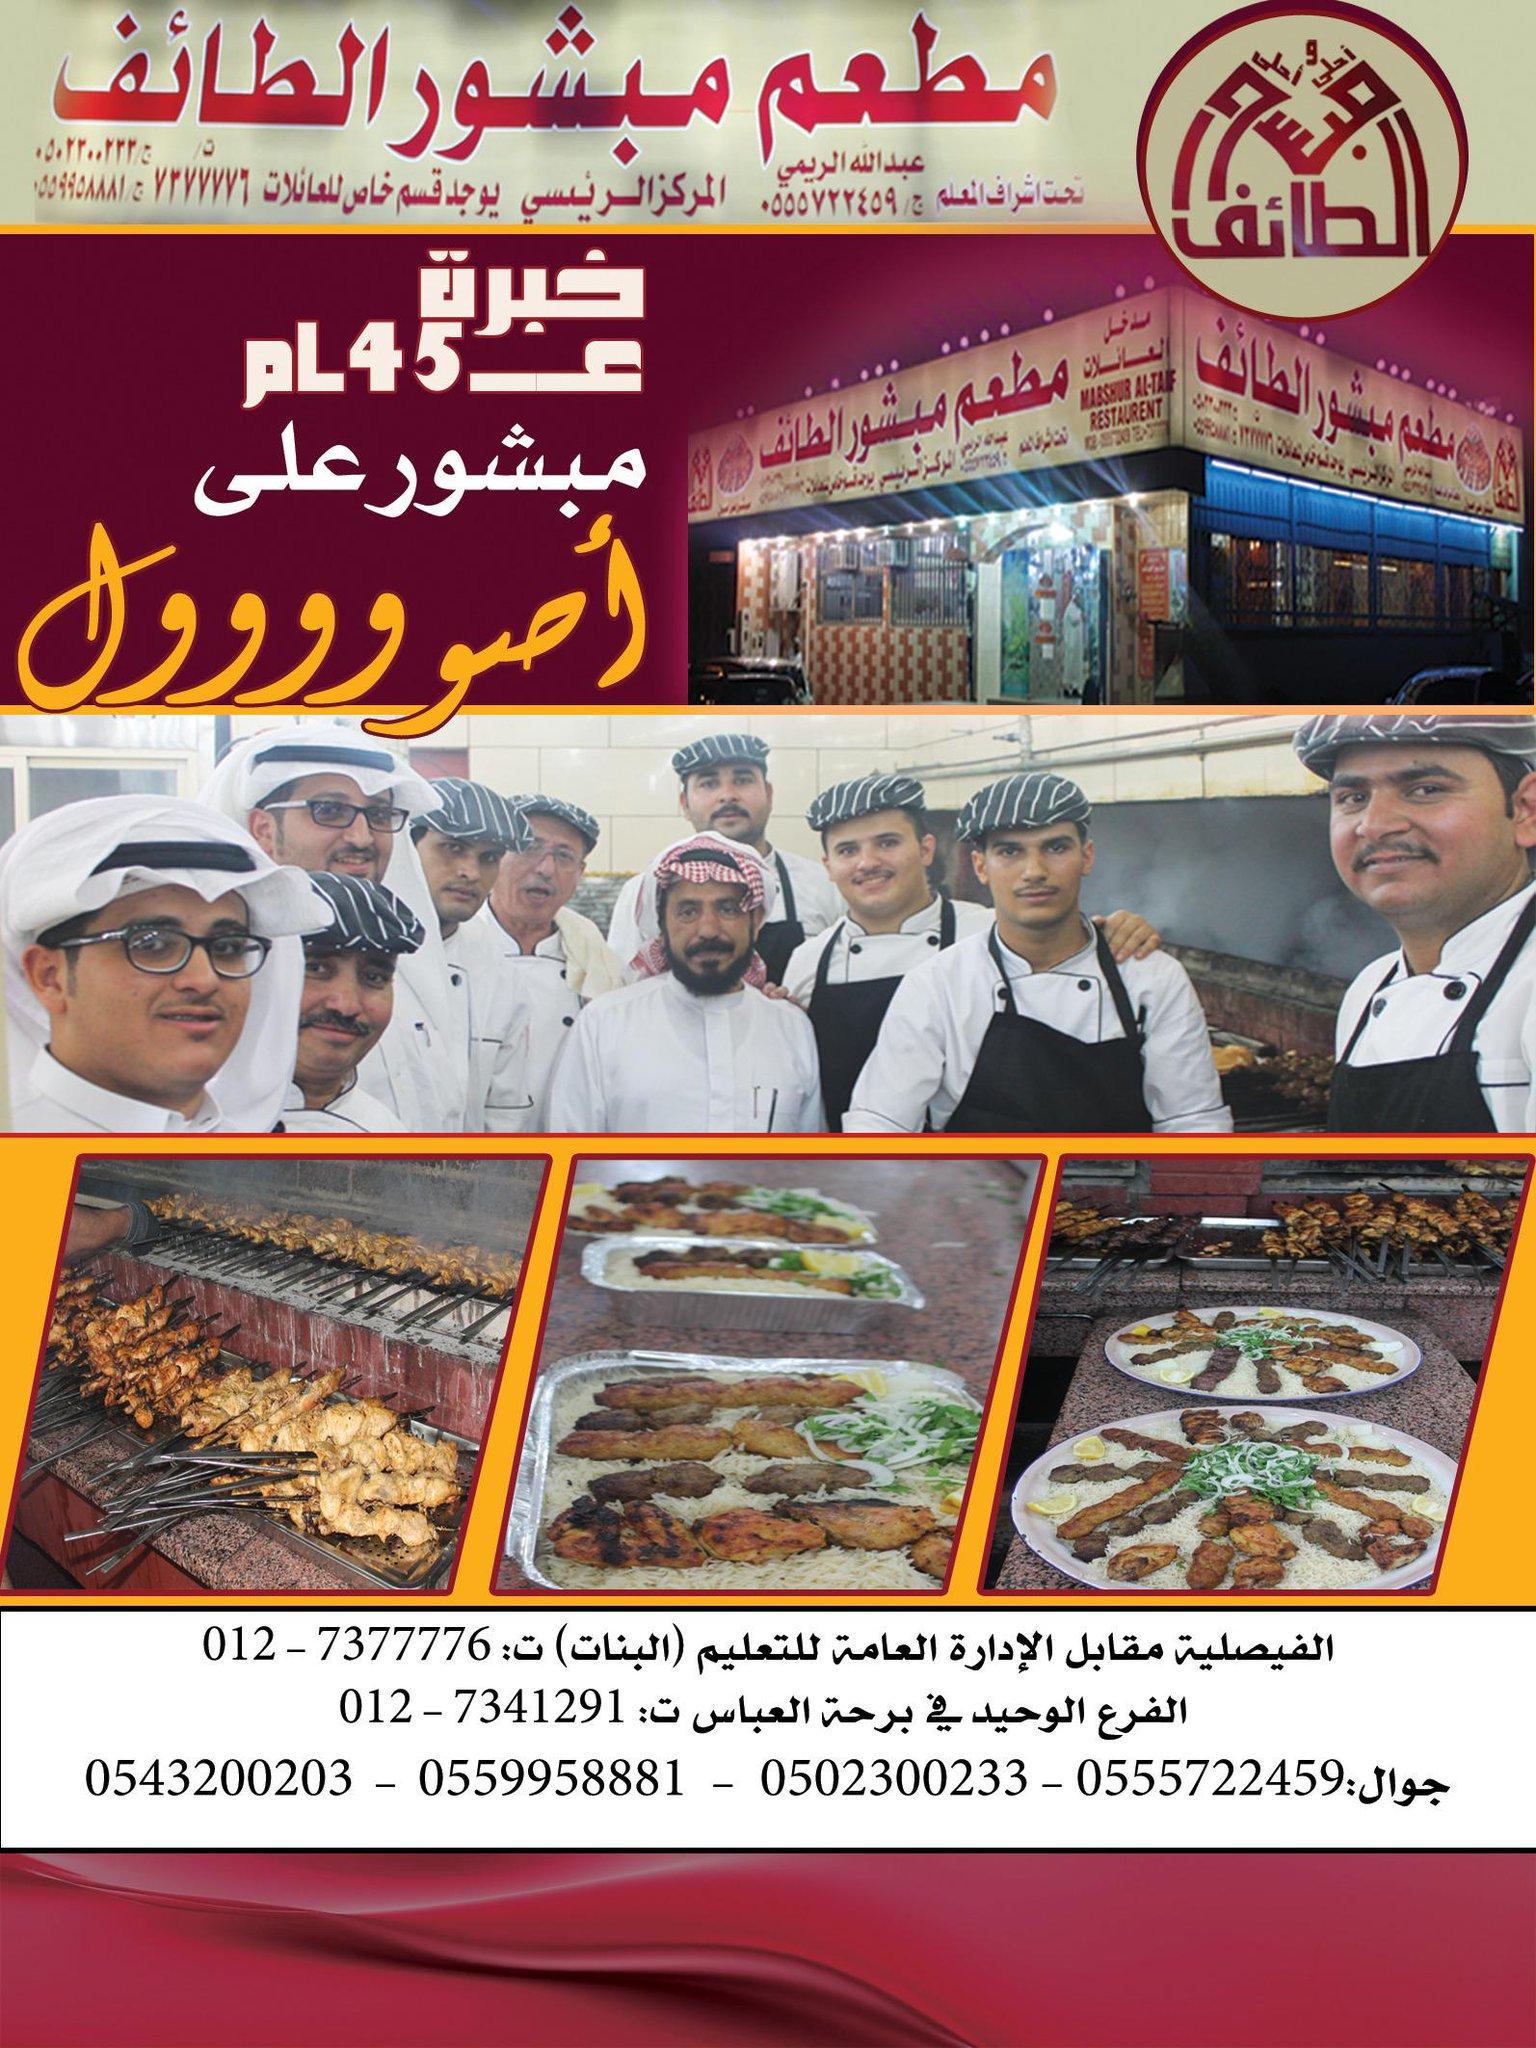 Visit Taif Ar On Twitter مطعم مبشور الطائف يعد مطعم مبشور الطائف من أروع المطاعم الموجودة حيث يقدم المشويات اللذيذة والرائعة بخبرة تفوق ٤٠ عاما الموقع على الخريطة الرئيسي